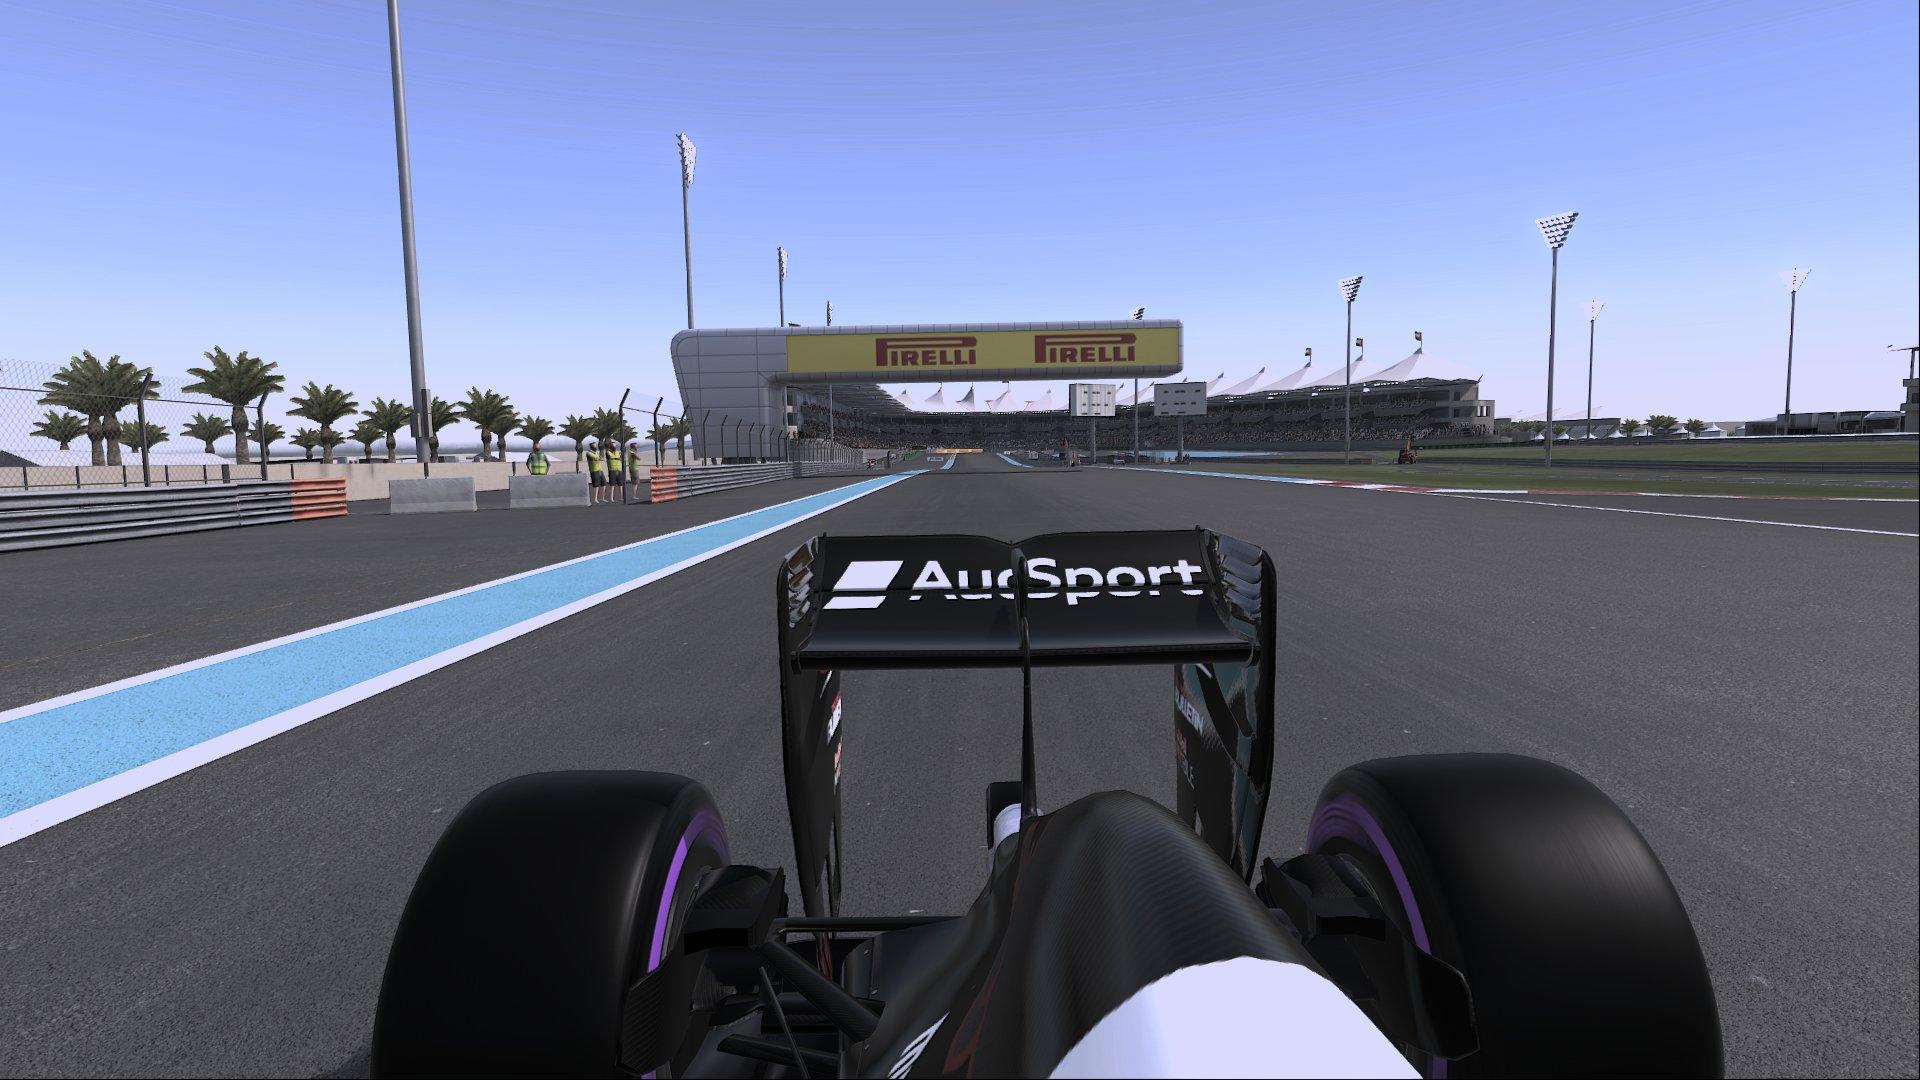 F1_2016_2017-04-12_21-35-05.jpg